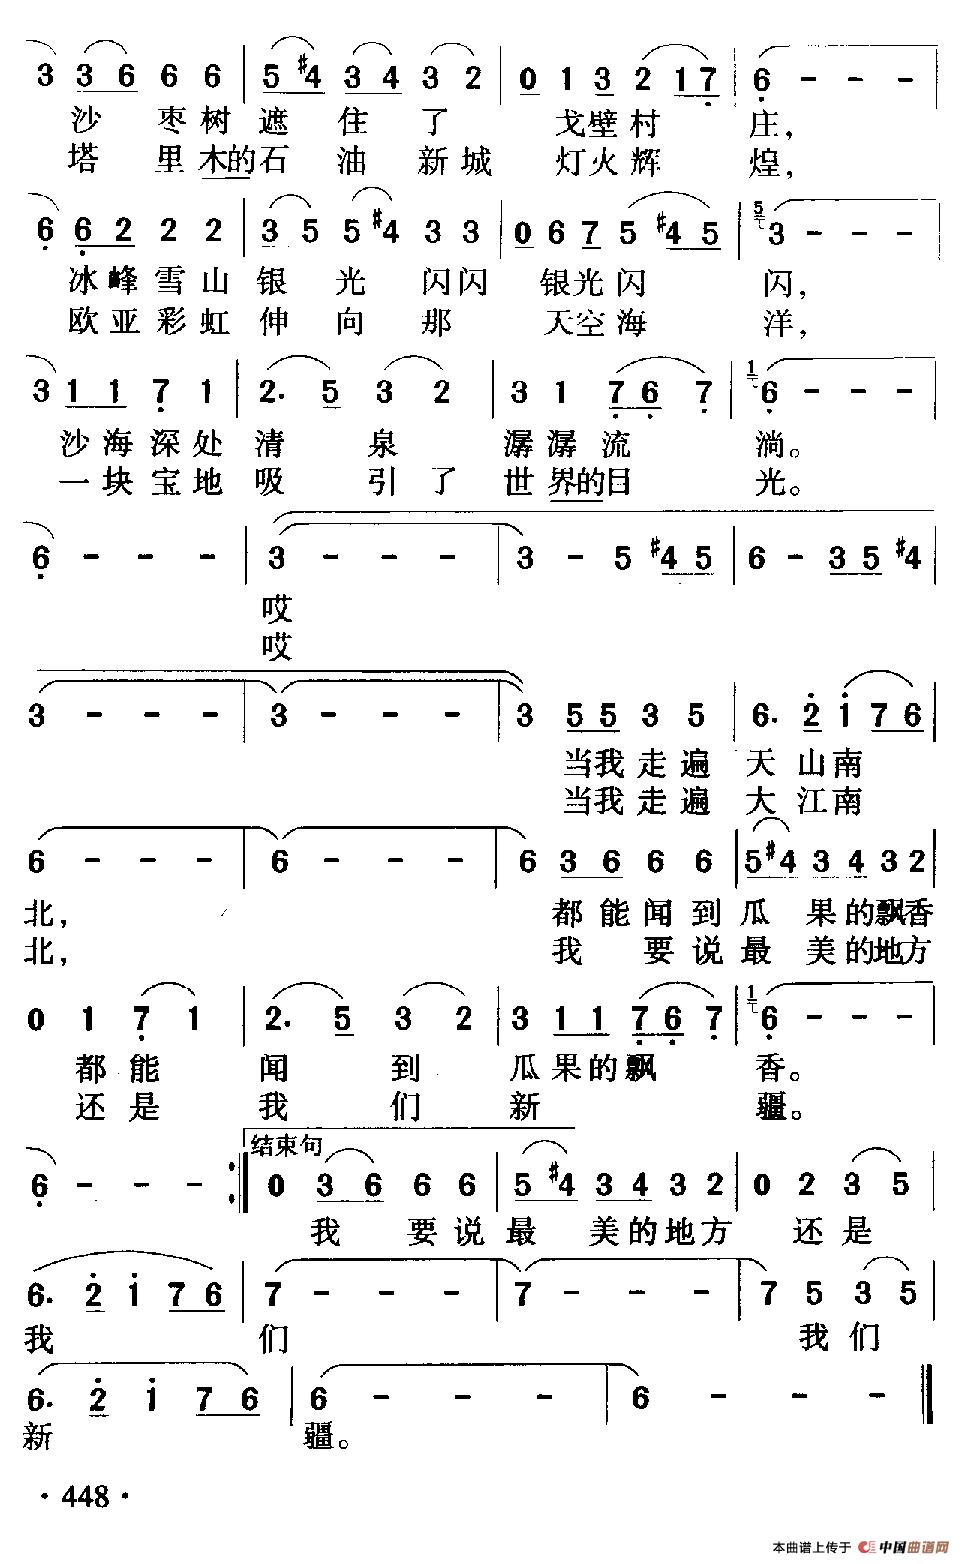 最美的还是我们新疆简谱_民歌曲谱_中国曲谱网